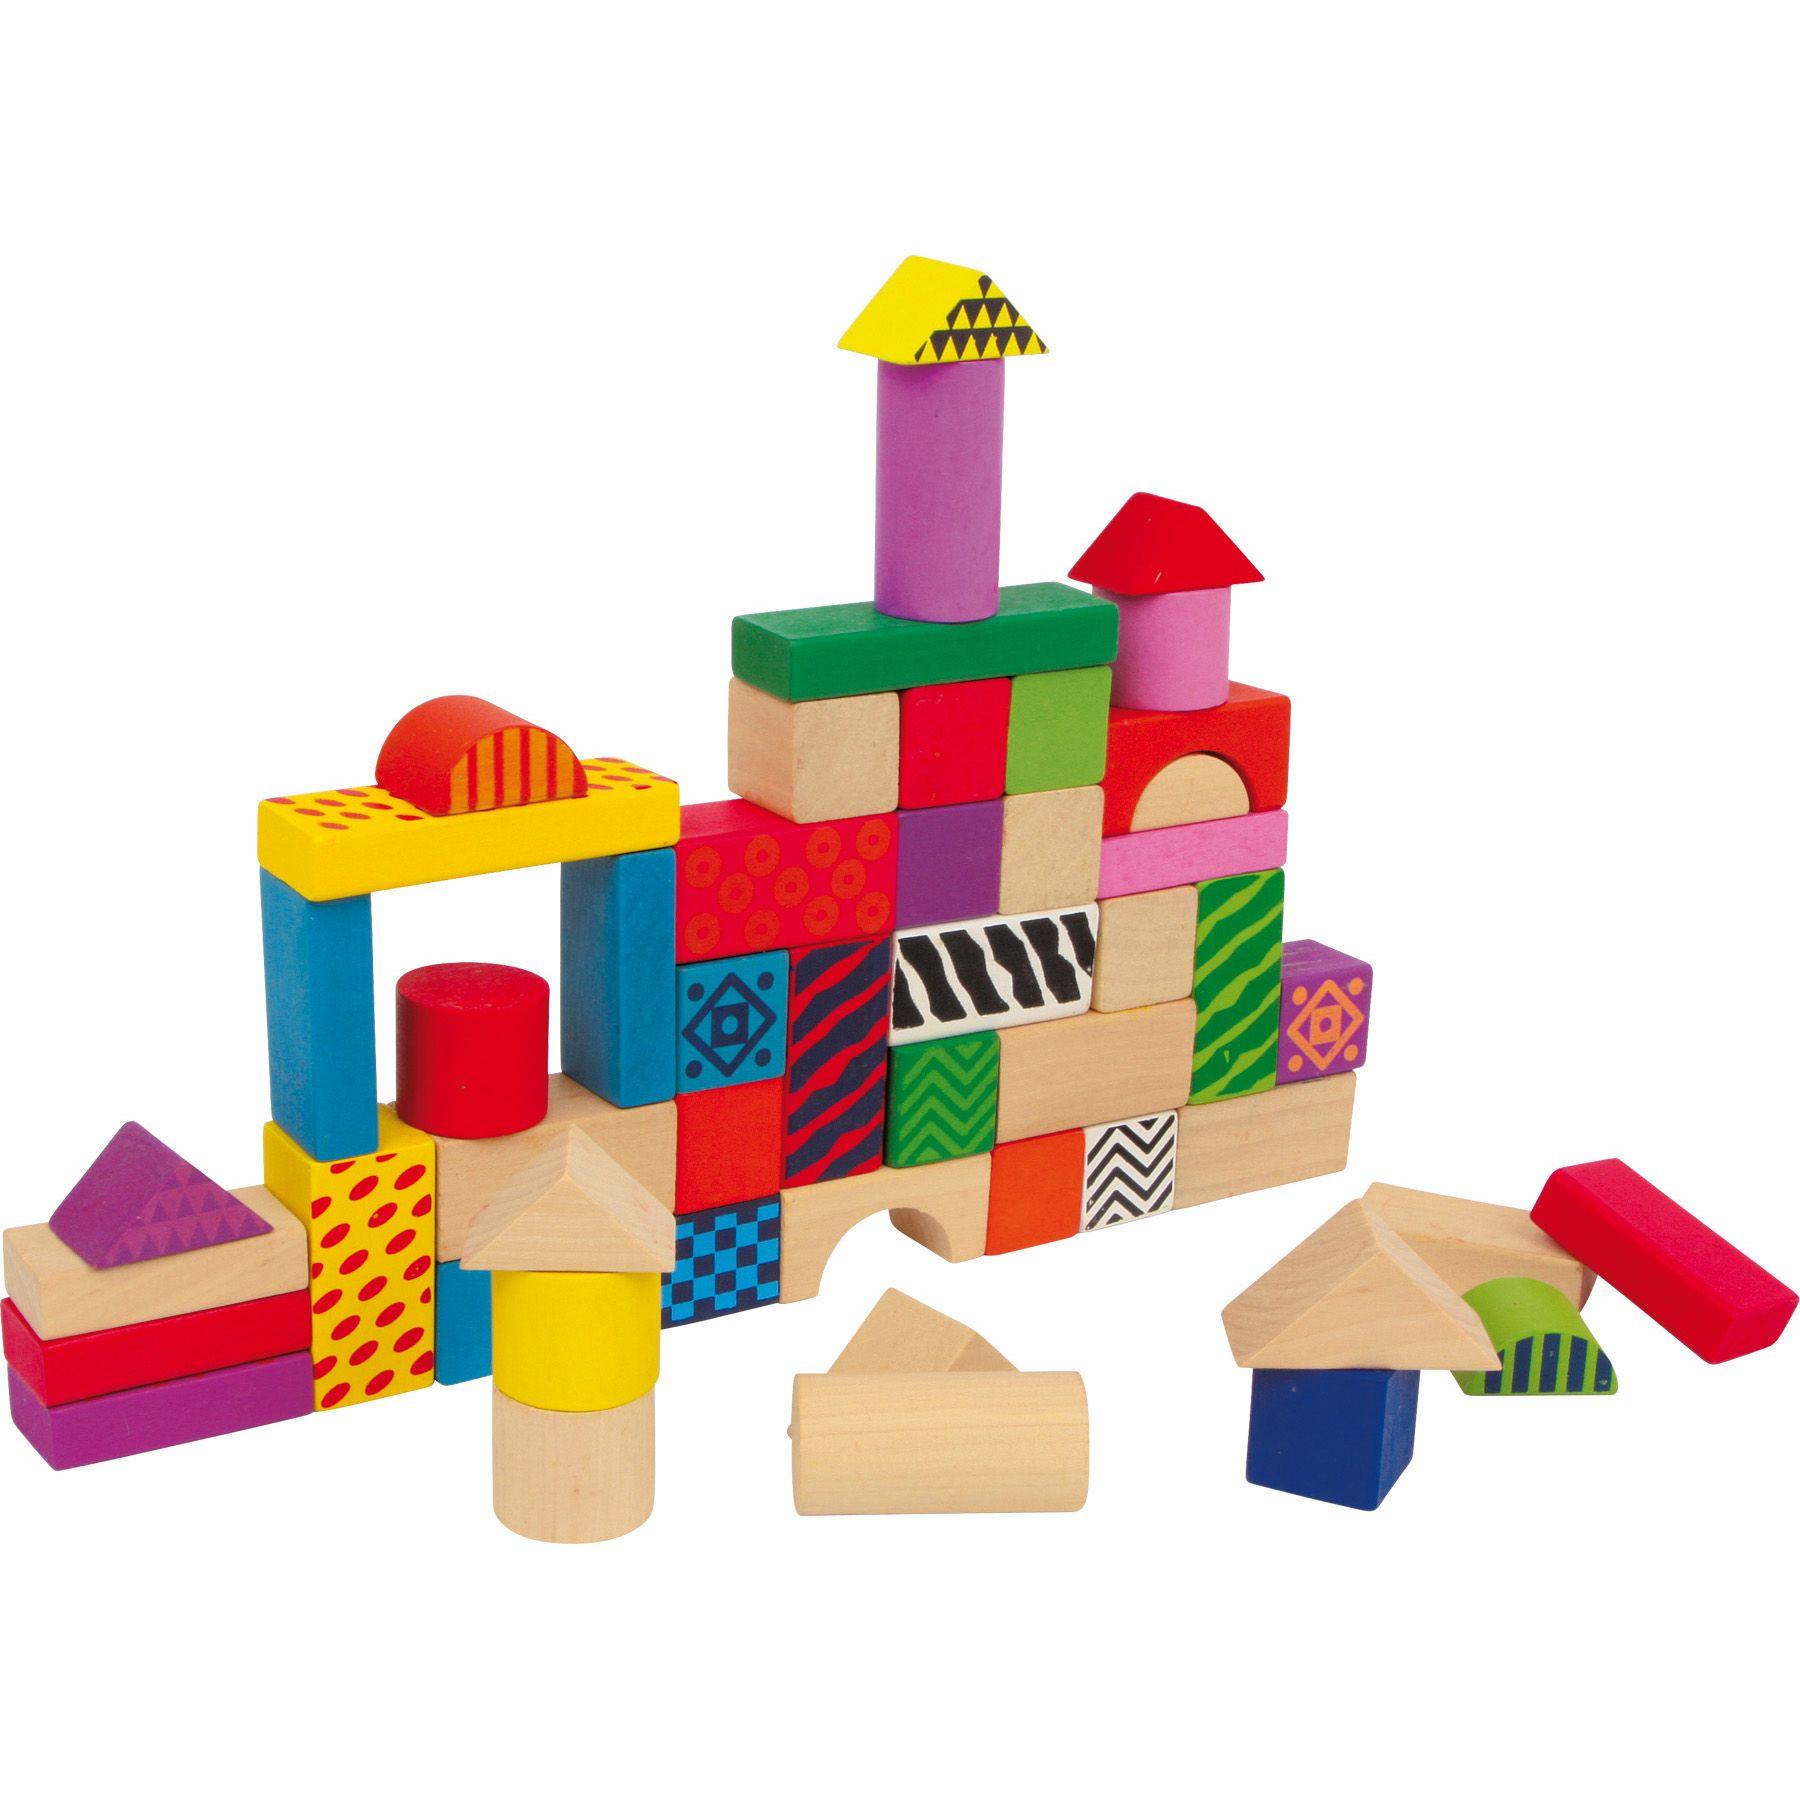 Imaginația nu cunoaște limite cu acestă jucărie educativă din lemn! Găleata conține cărămizi de diferite forme și mărimi, viu colorate. În capac sunt sculptate diverse forme geometrice în care pot fi introduse cărămizile.